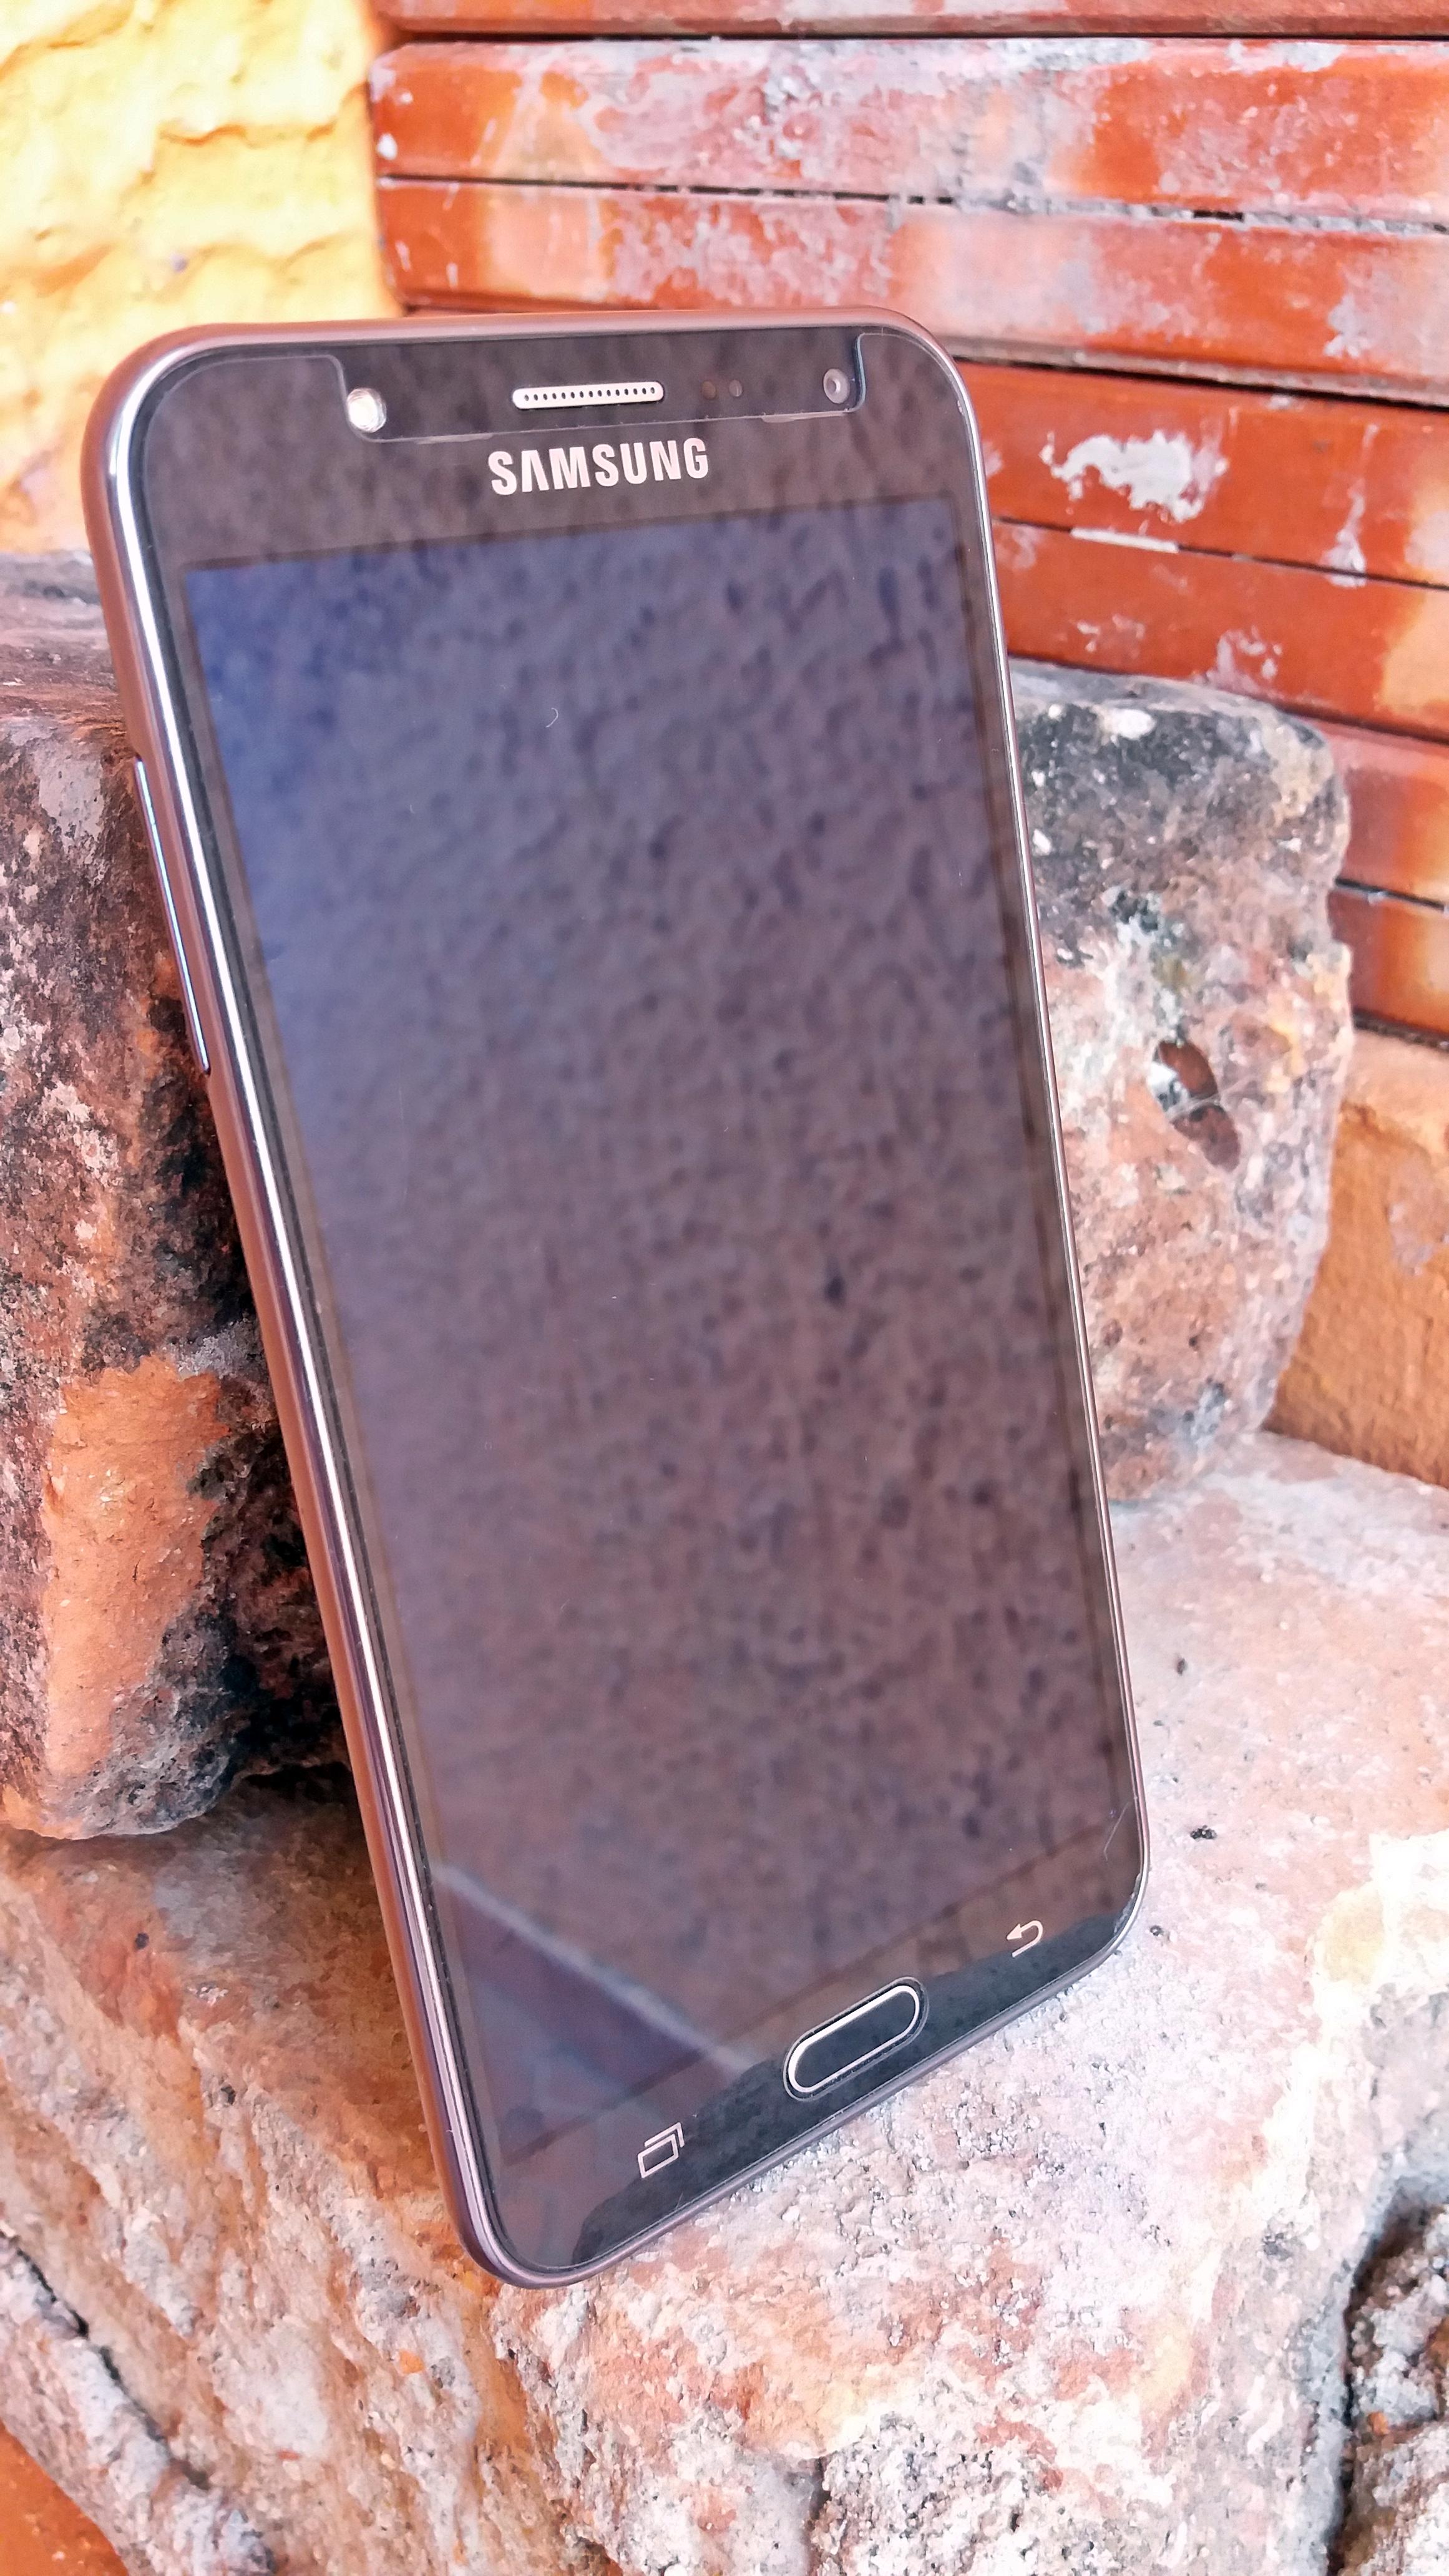 Samsung Galaxy J7 Wikipedia